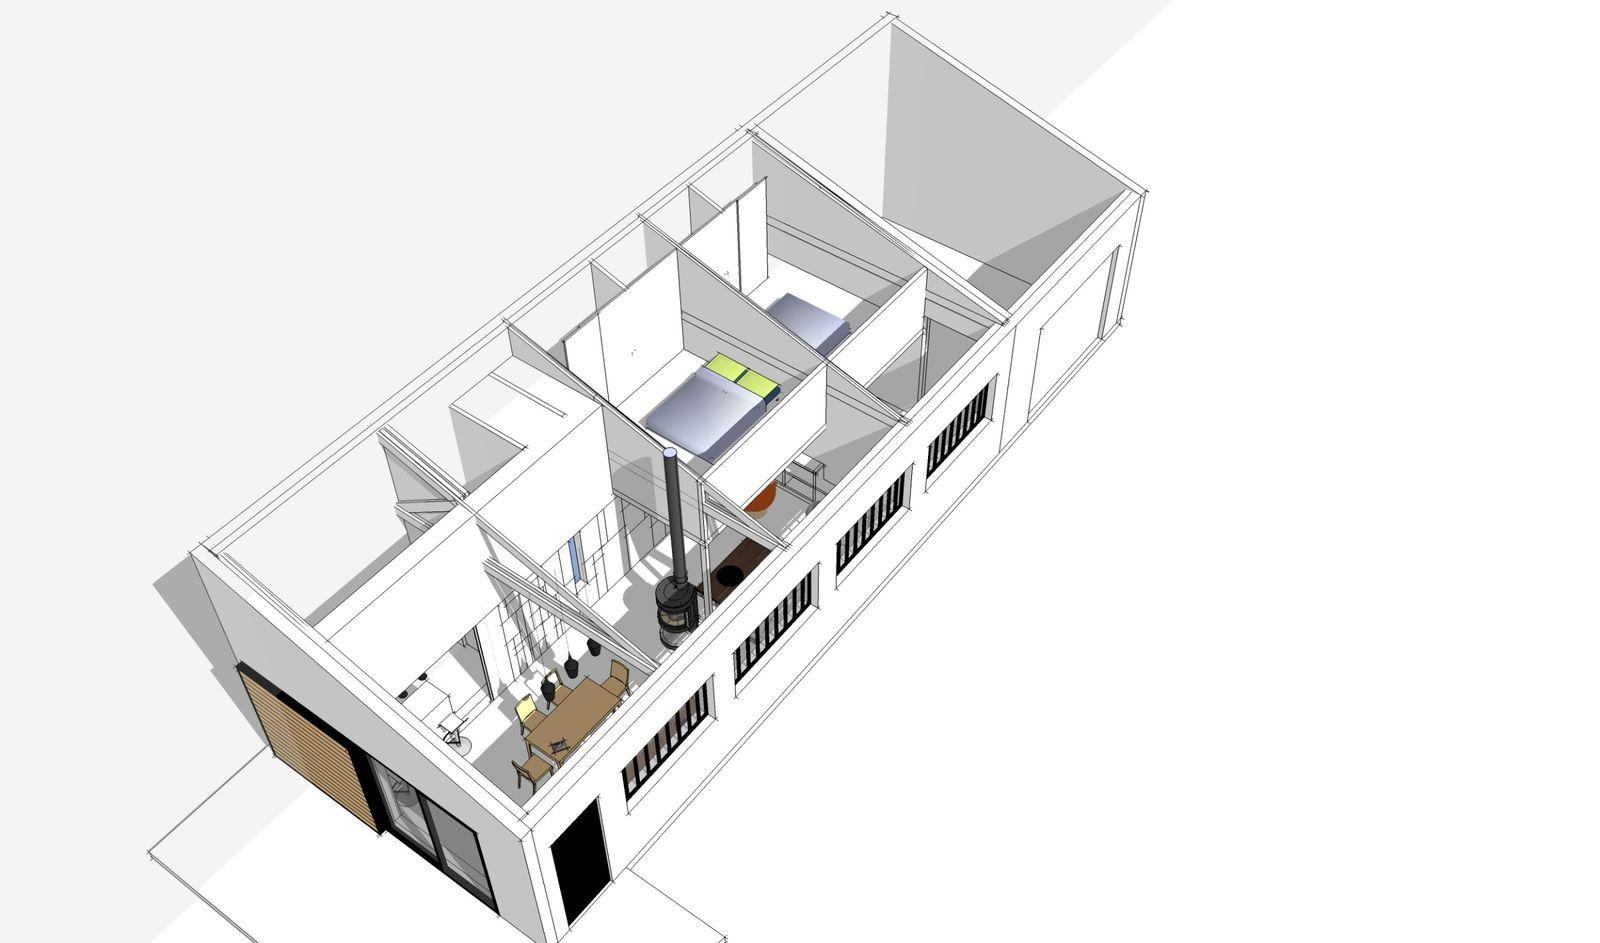 Premi re esquisse du projet r novation d 39 une maison du - Idee plan maison en longueur ...